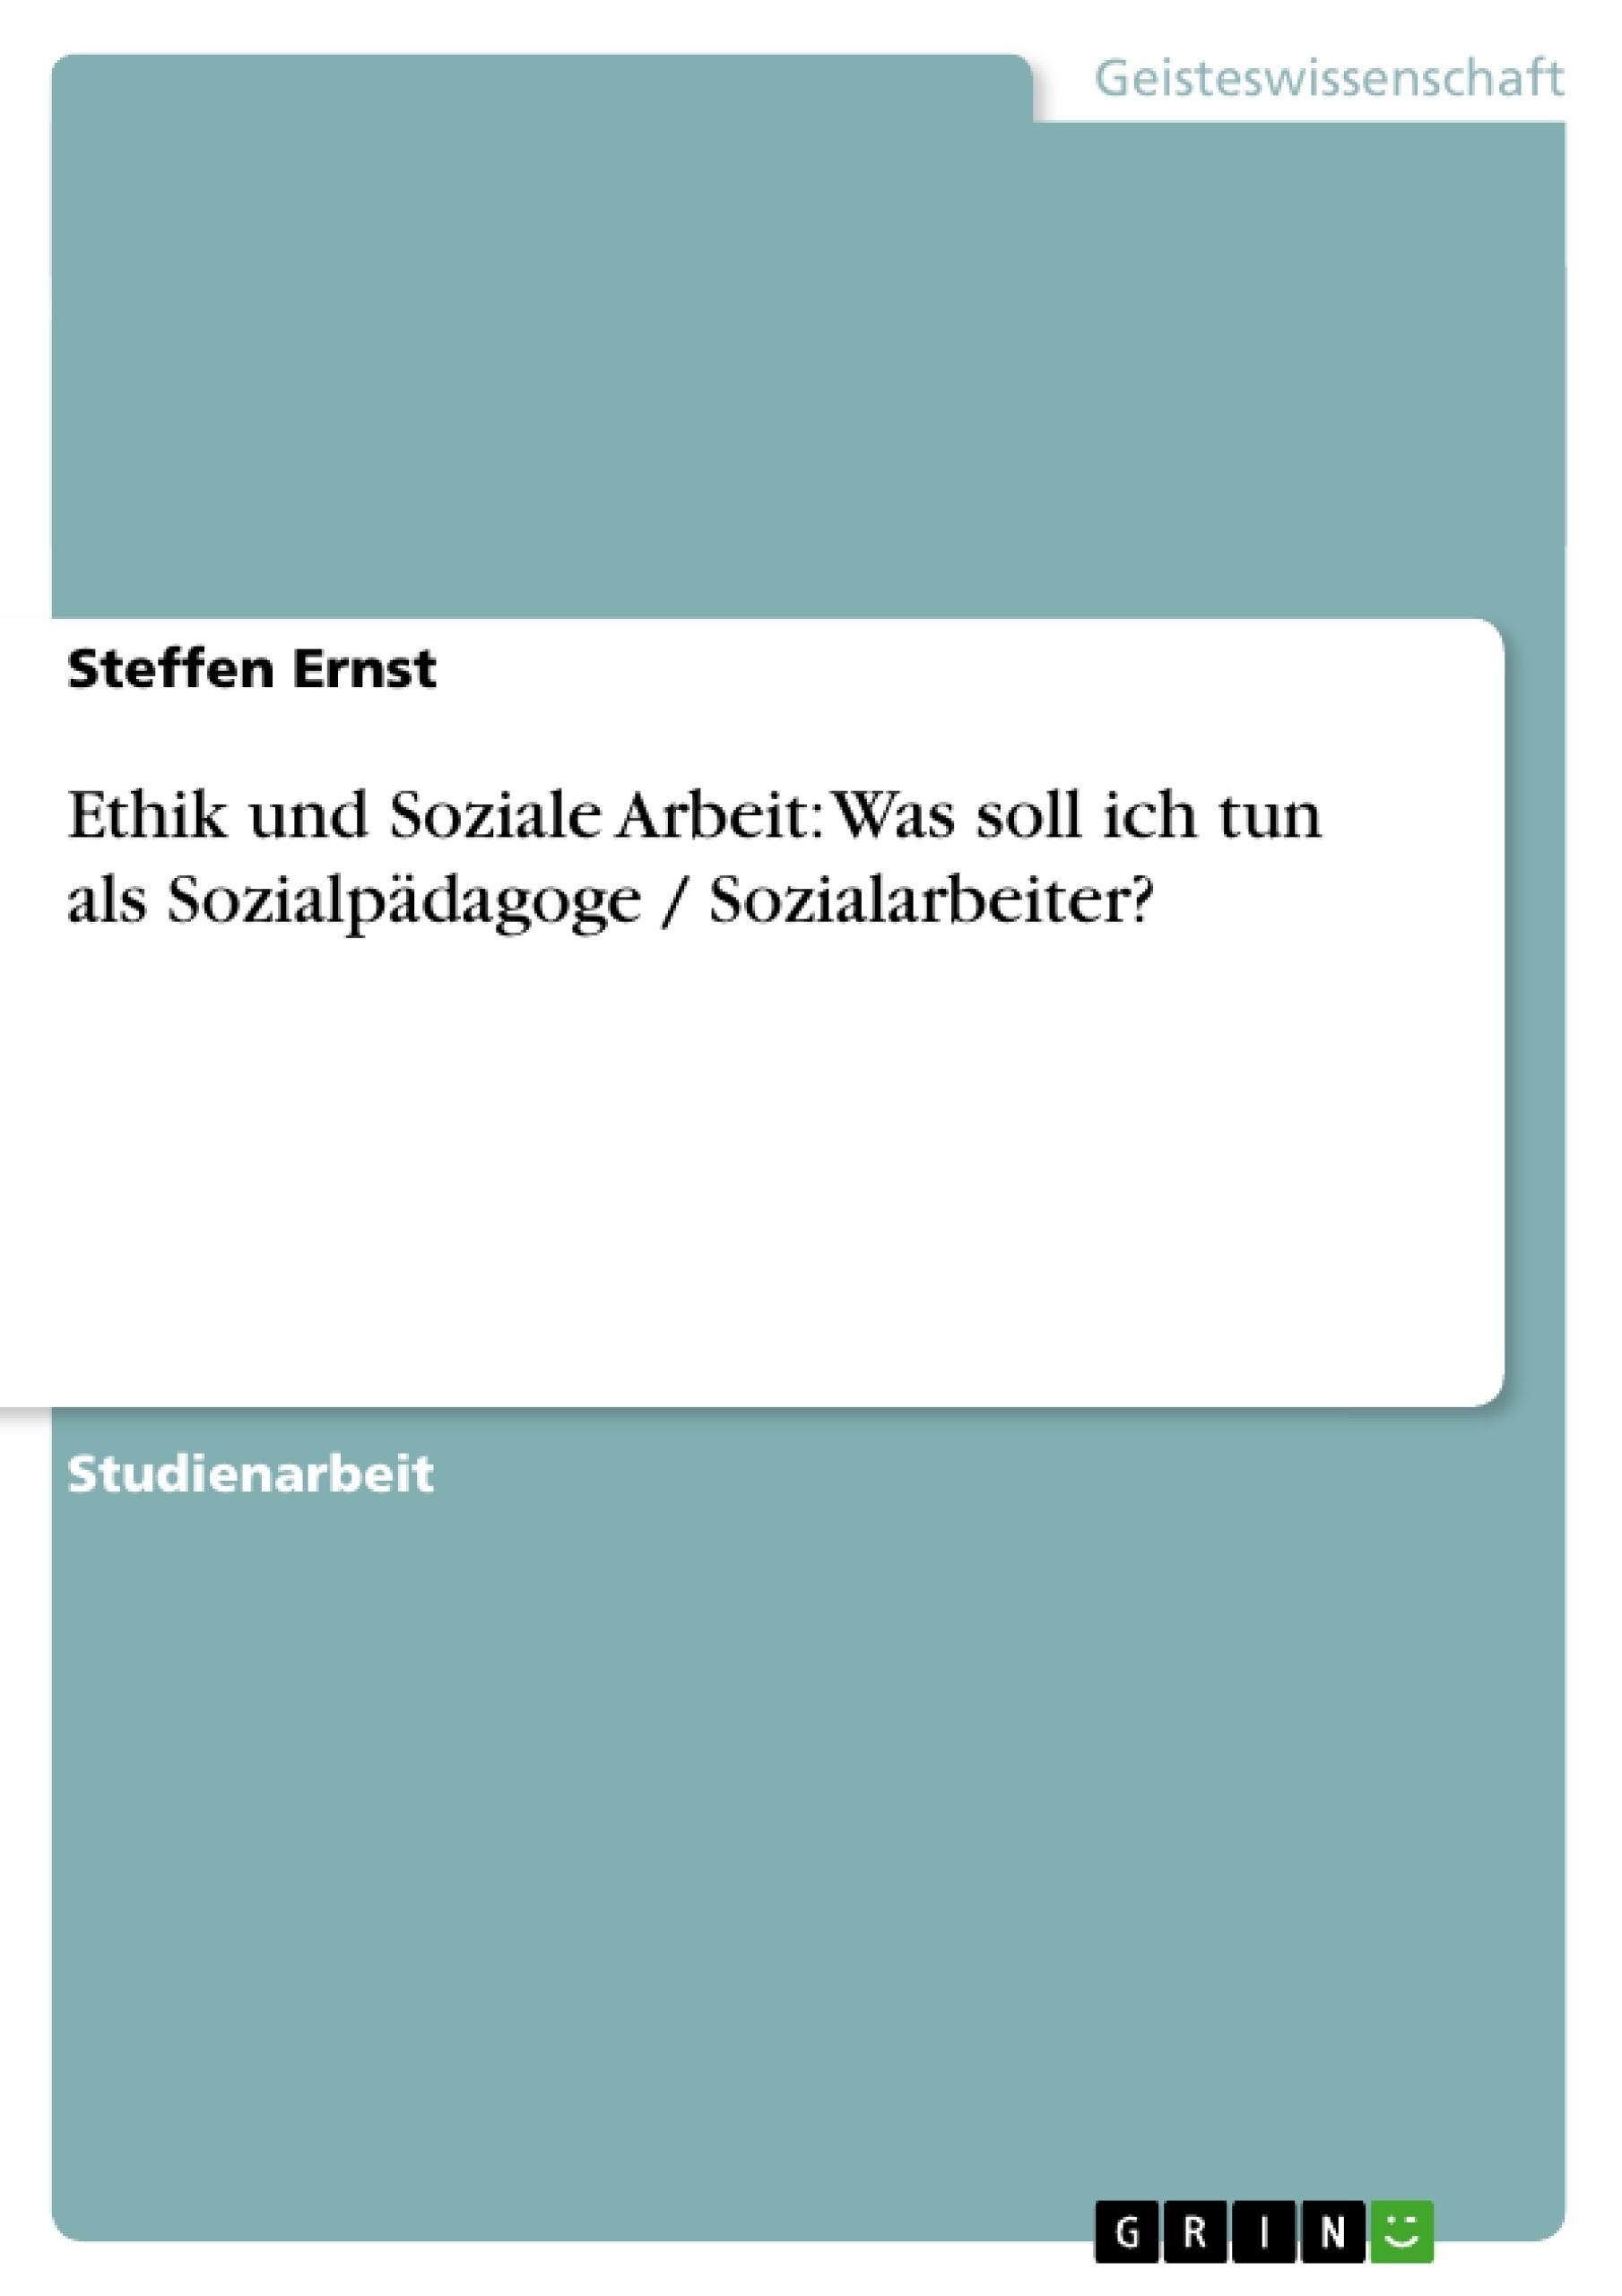 Titel: Ethik und Soziale Arbeit: Was soll ich tun als Sozialpädagoge / Sozialarbeiter?